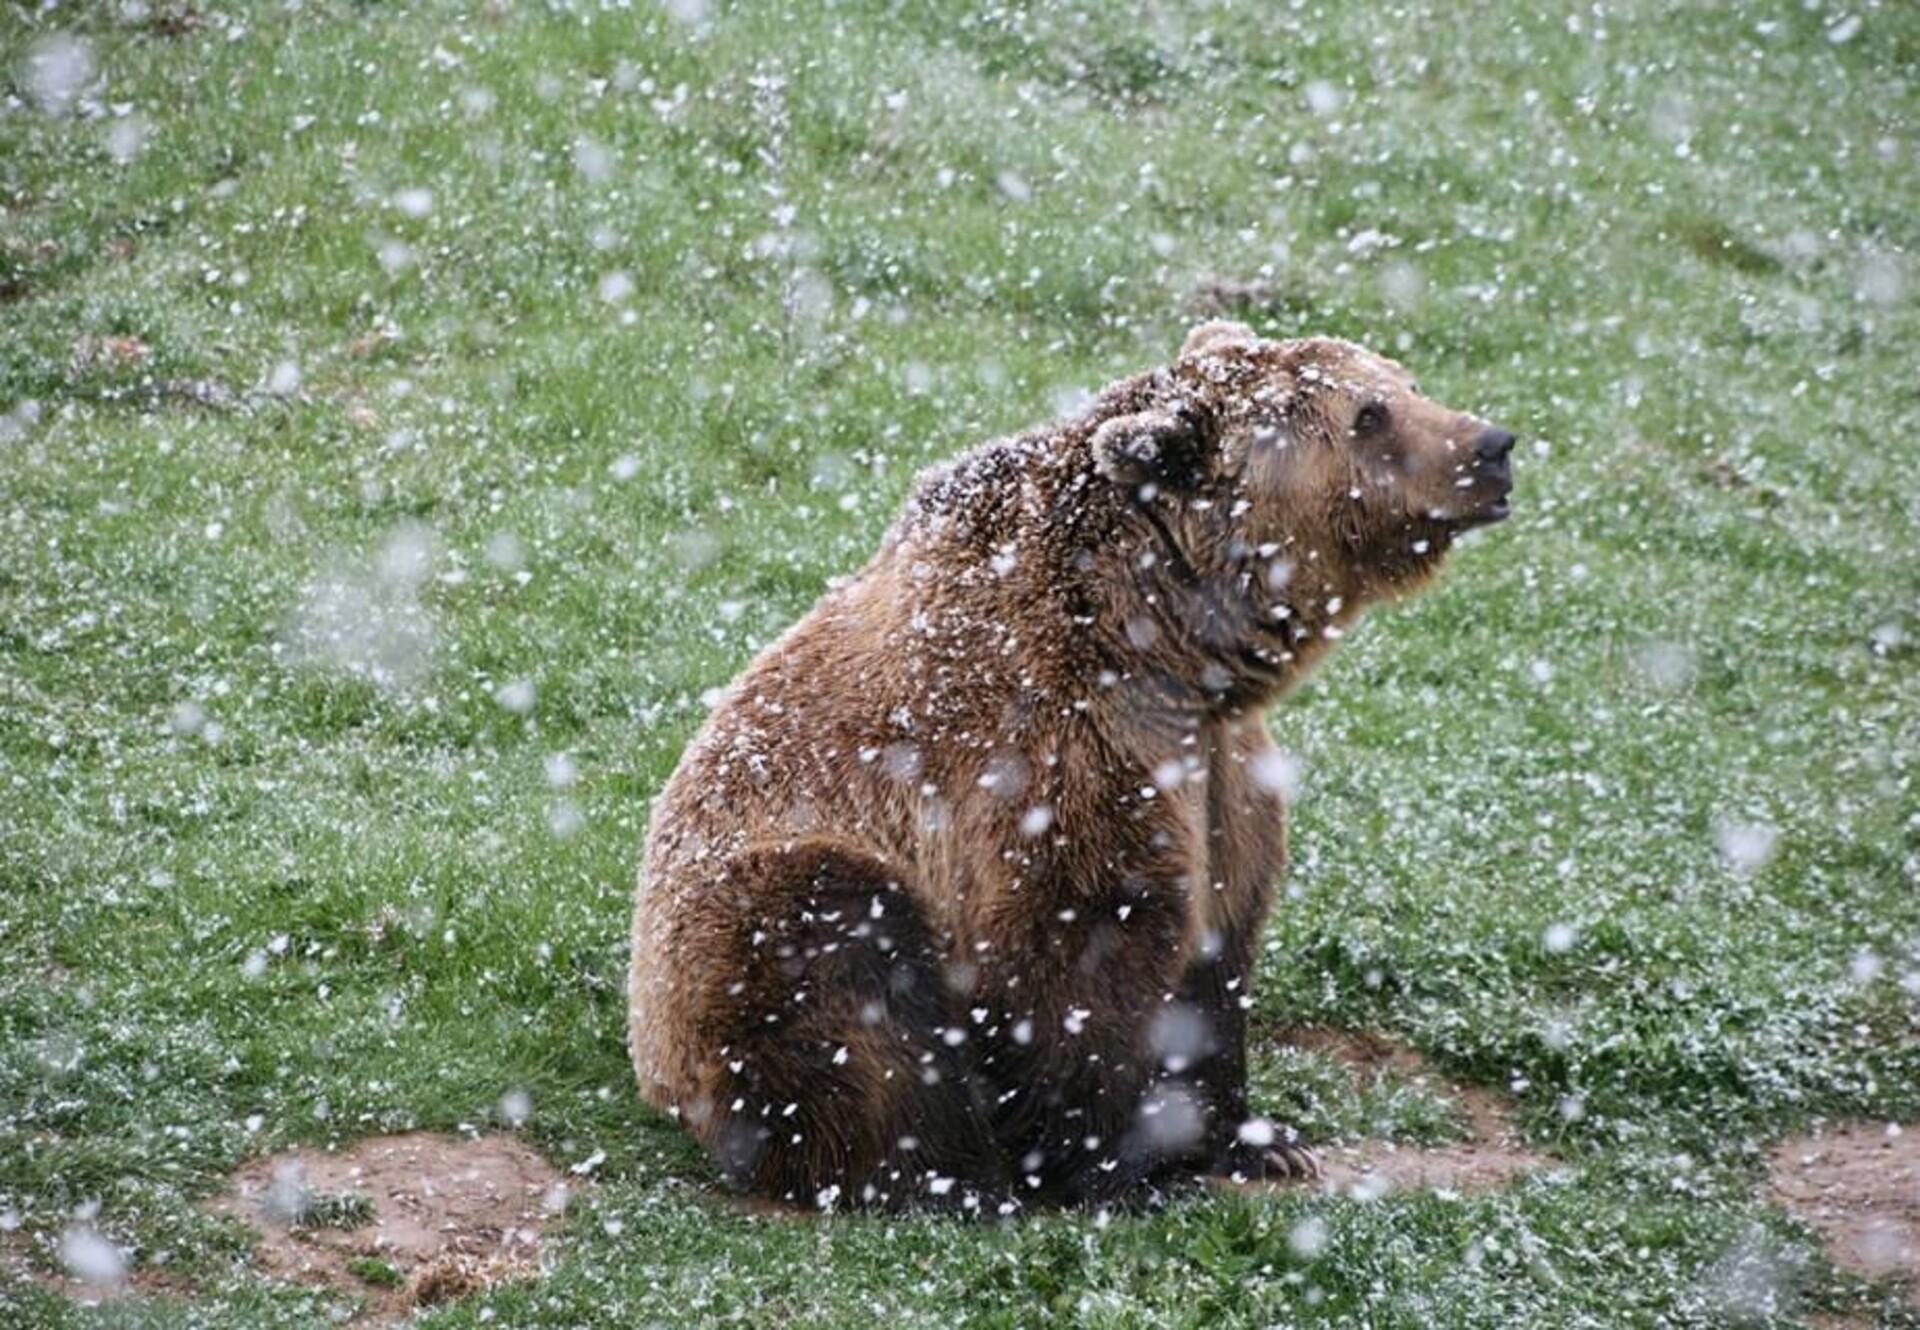 Braunbär auf Wiese mit Schneeflocken